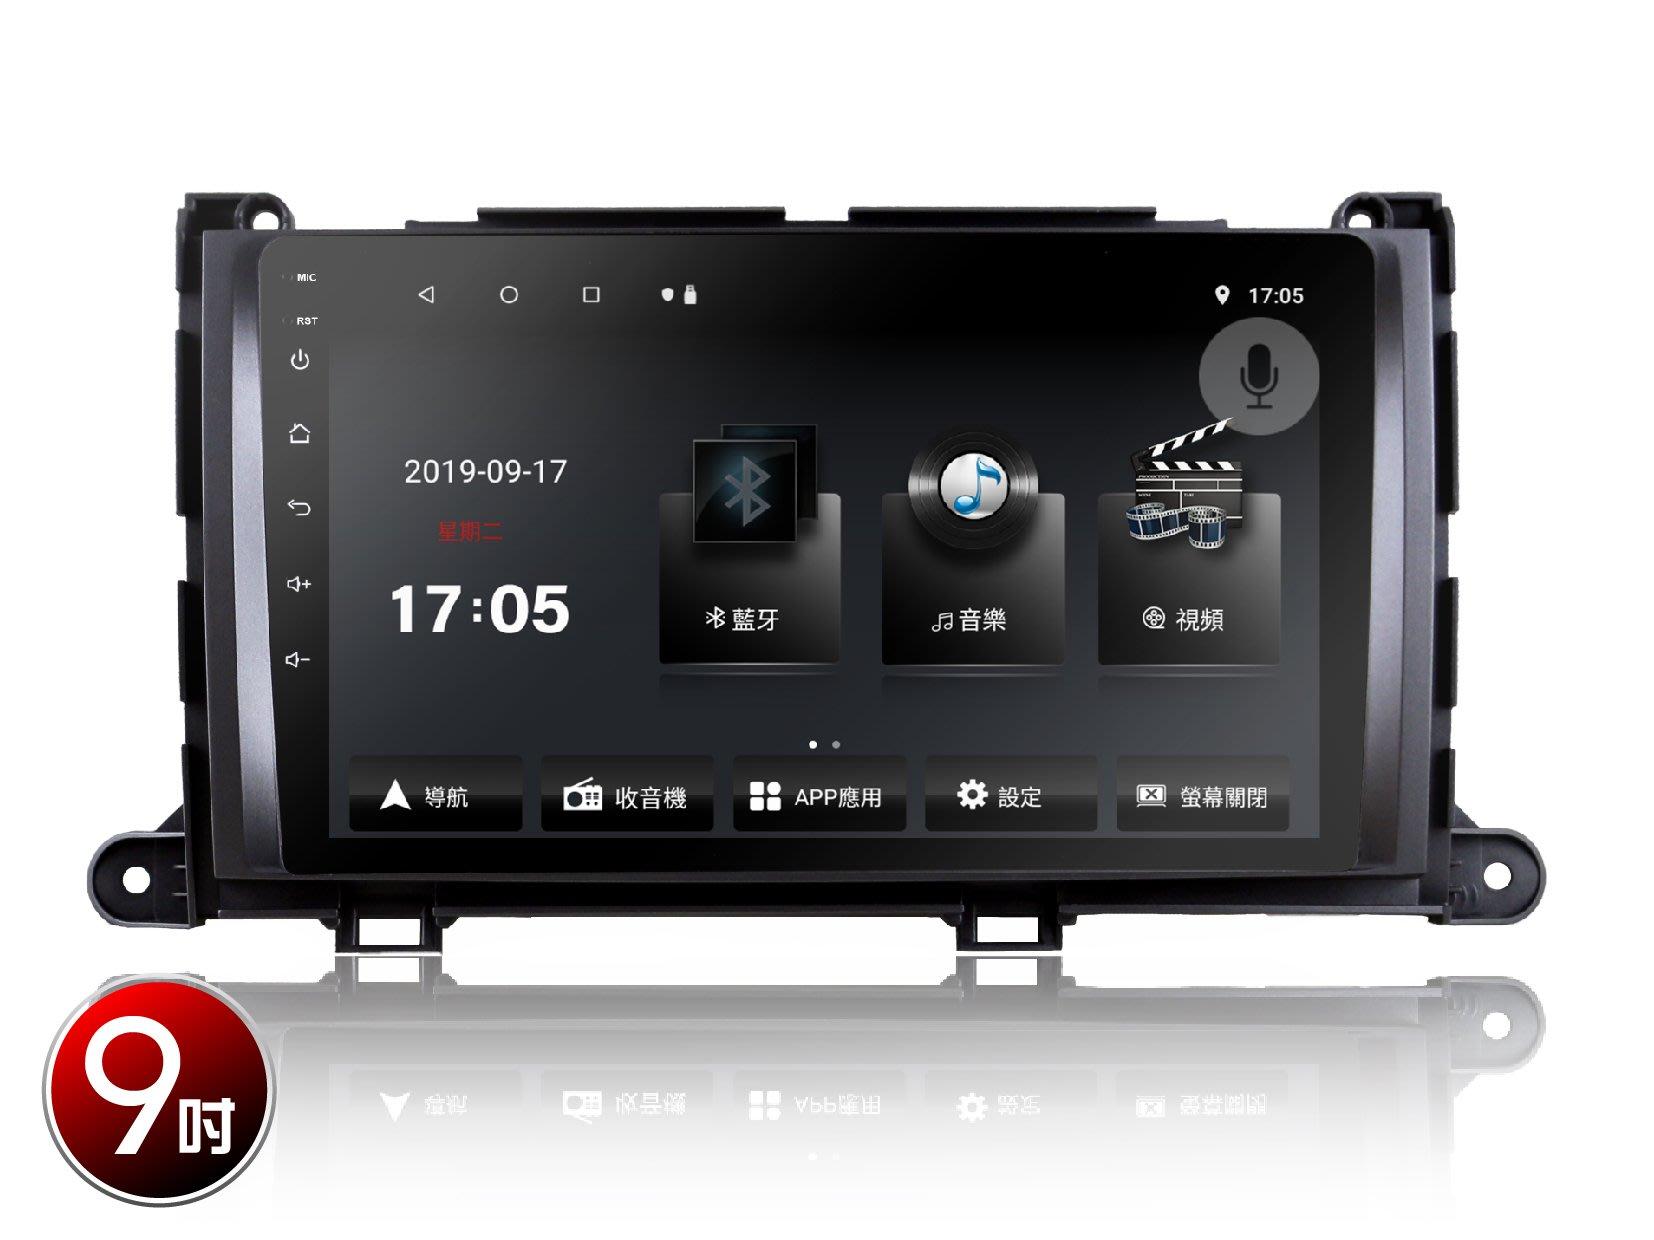 【全昇音響 】11SIENNA V33 10吋專用機 八核心 獨家雙聲控系統,最新功放IC:7851,音質再提昇